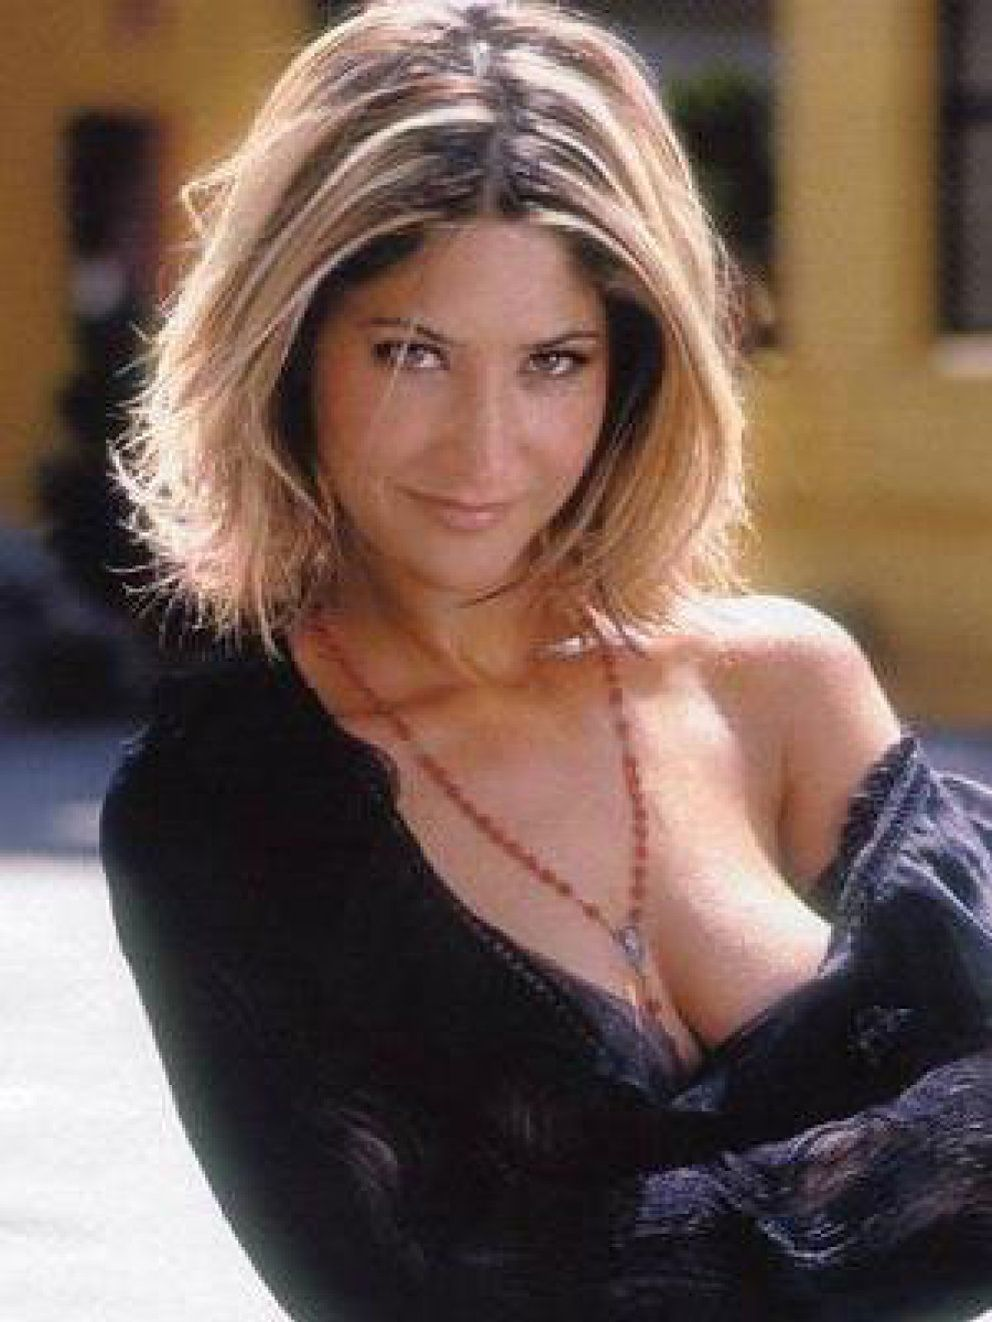 Baila desnuda en el bantildeo buscoacute editor de fotos - 4 1